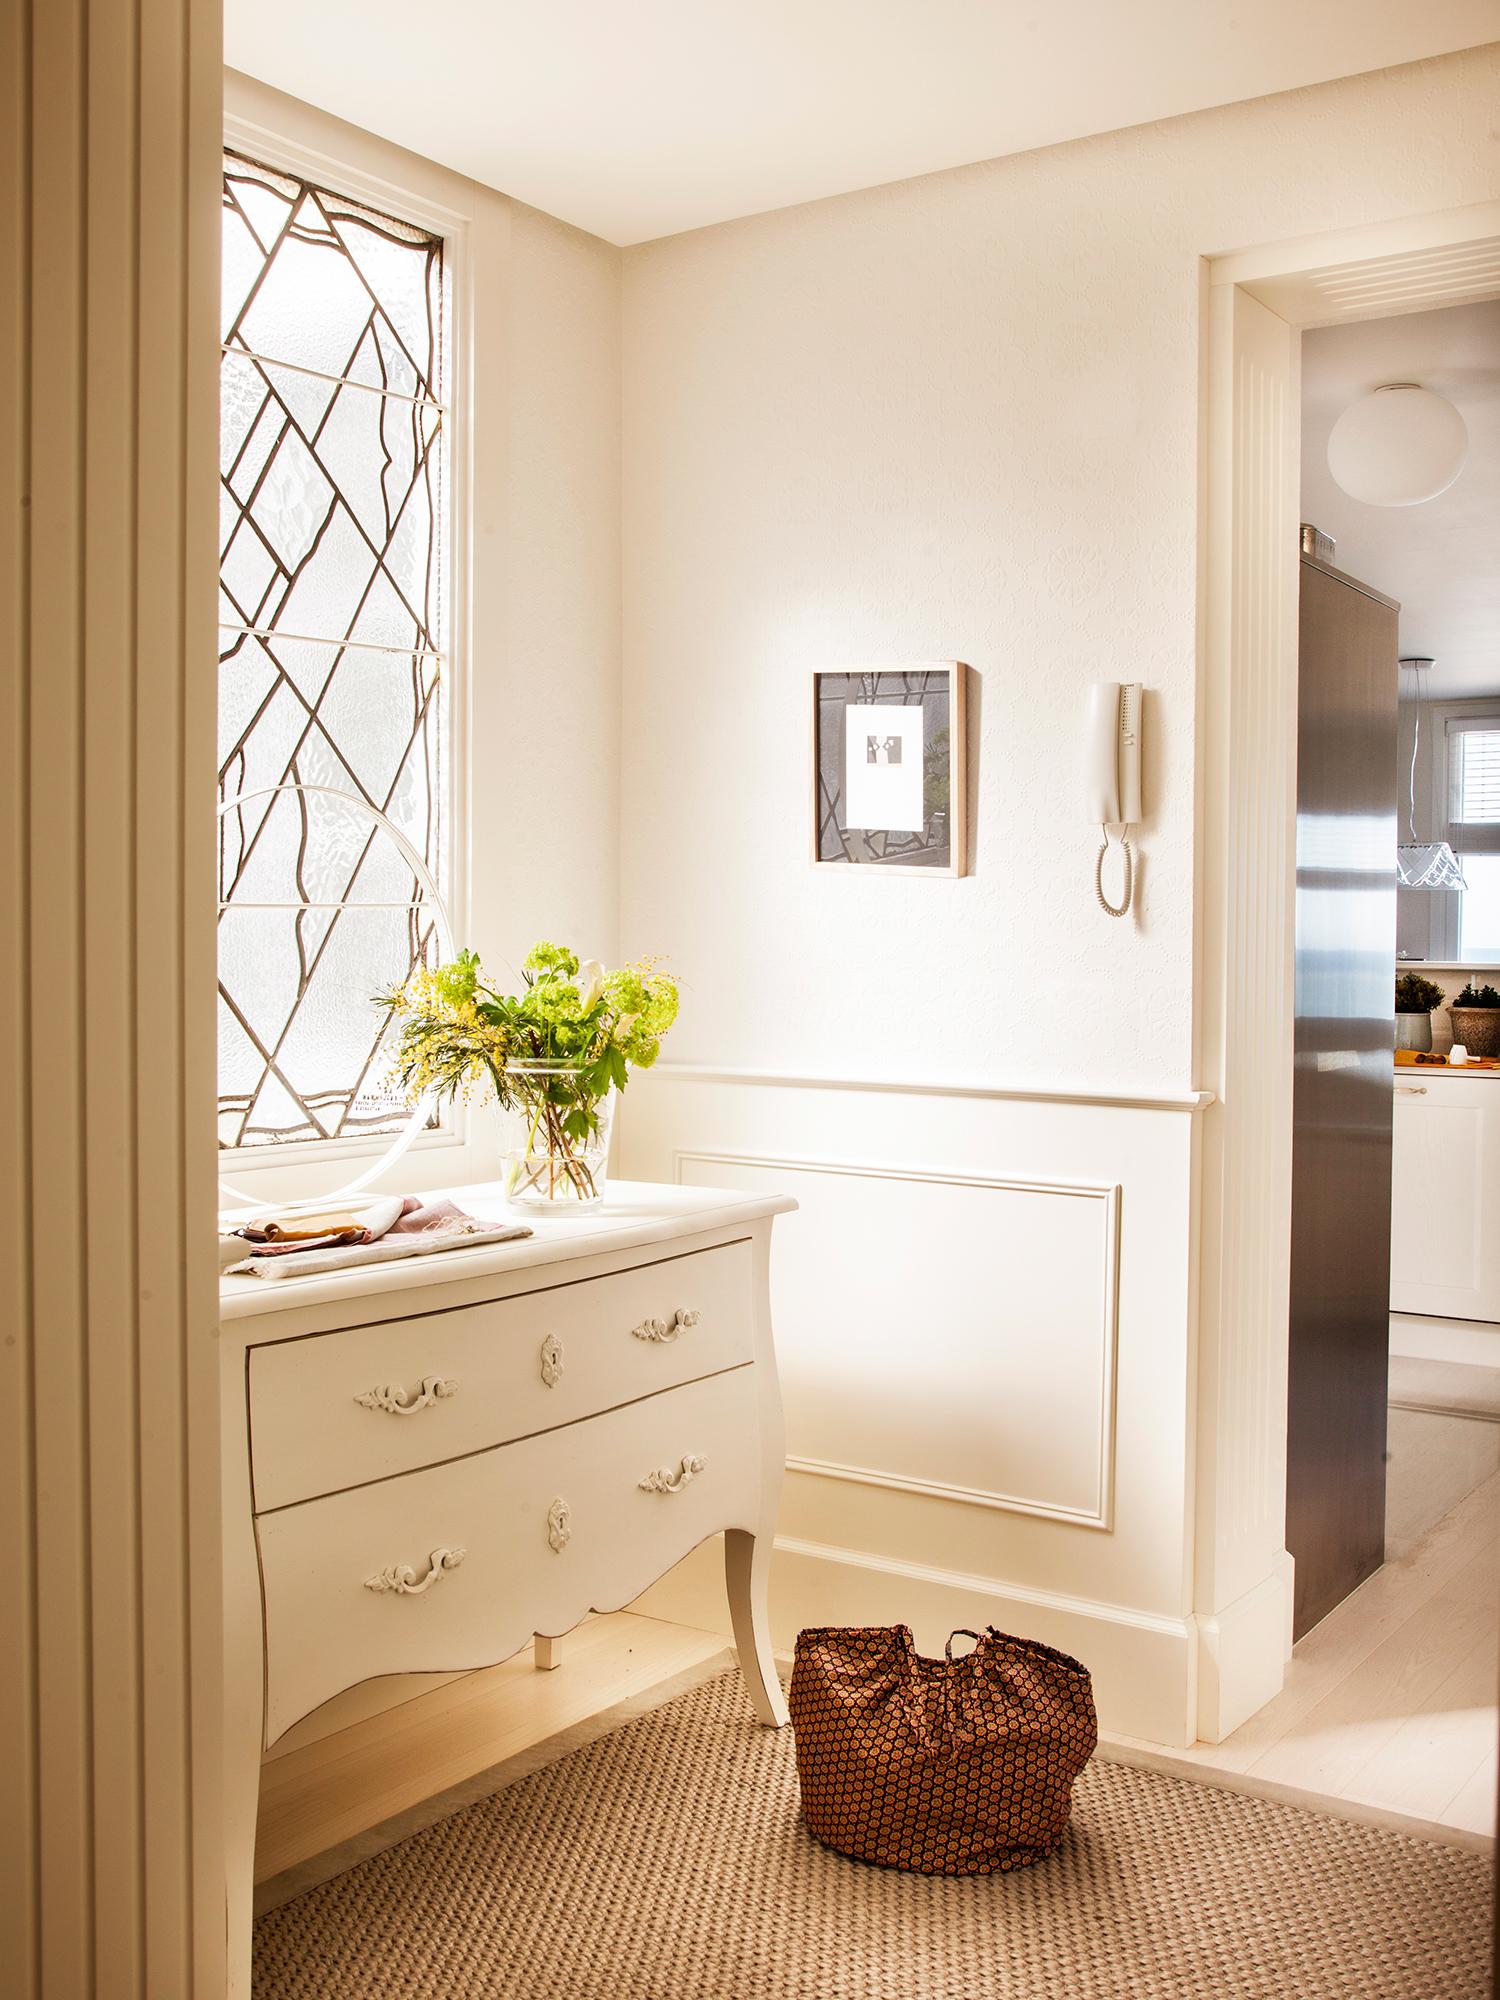 Recibidores los mejores 50 de el mueble - Fotos de comodas ...